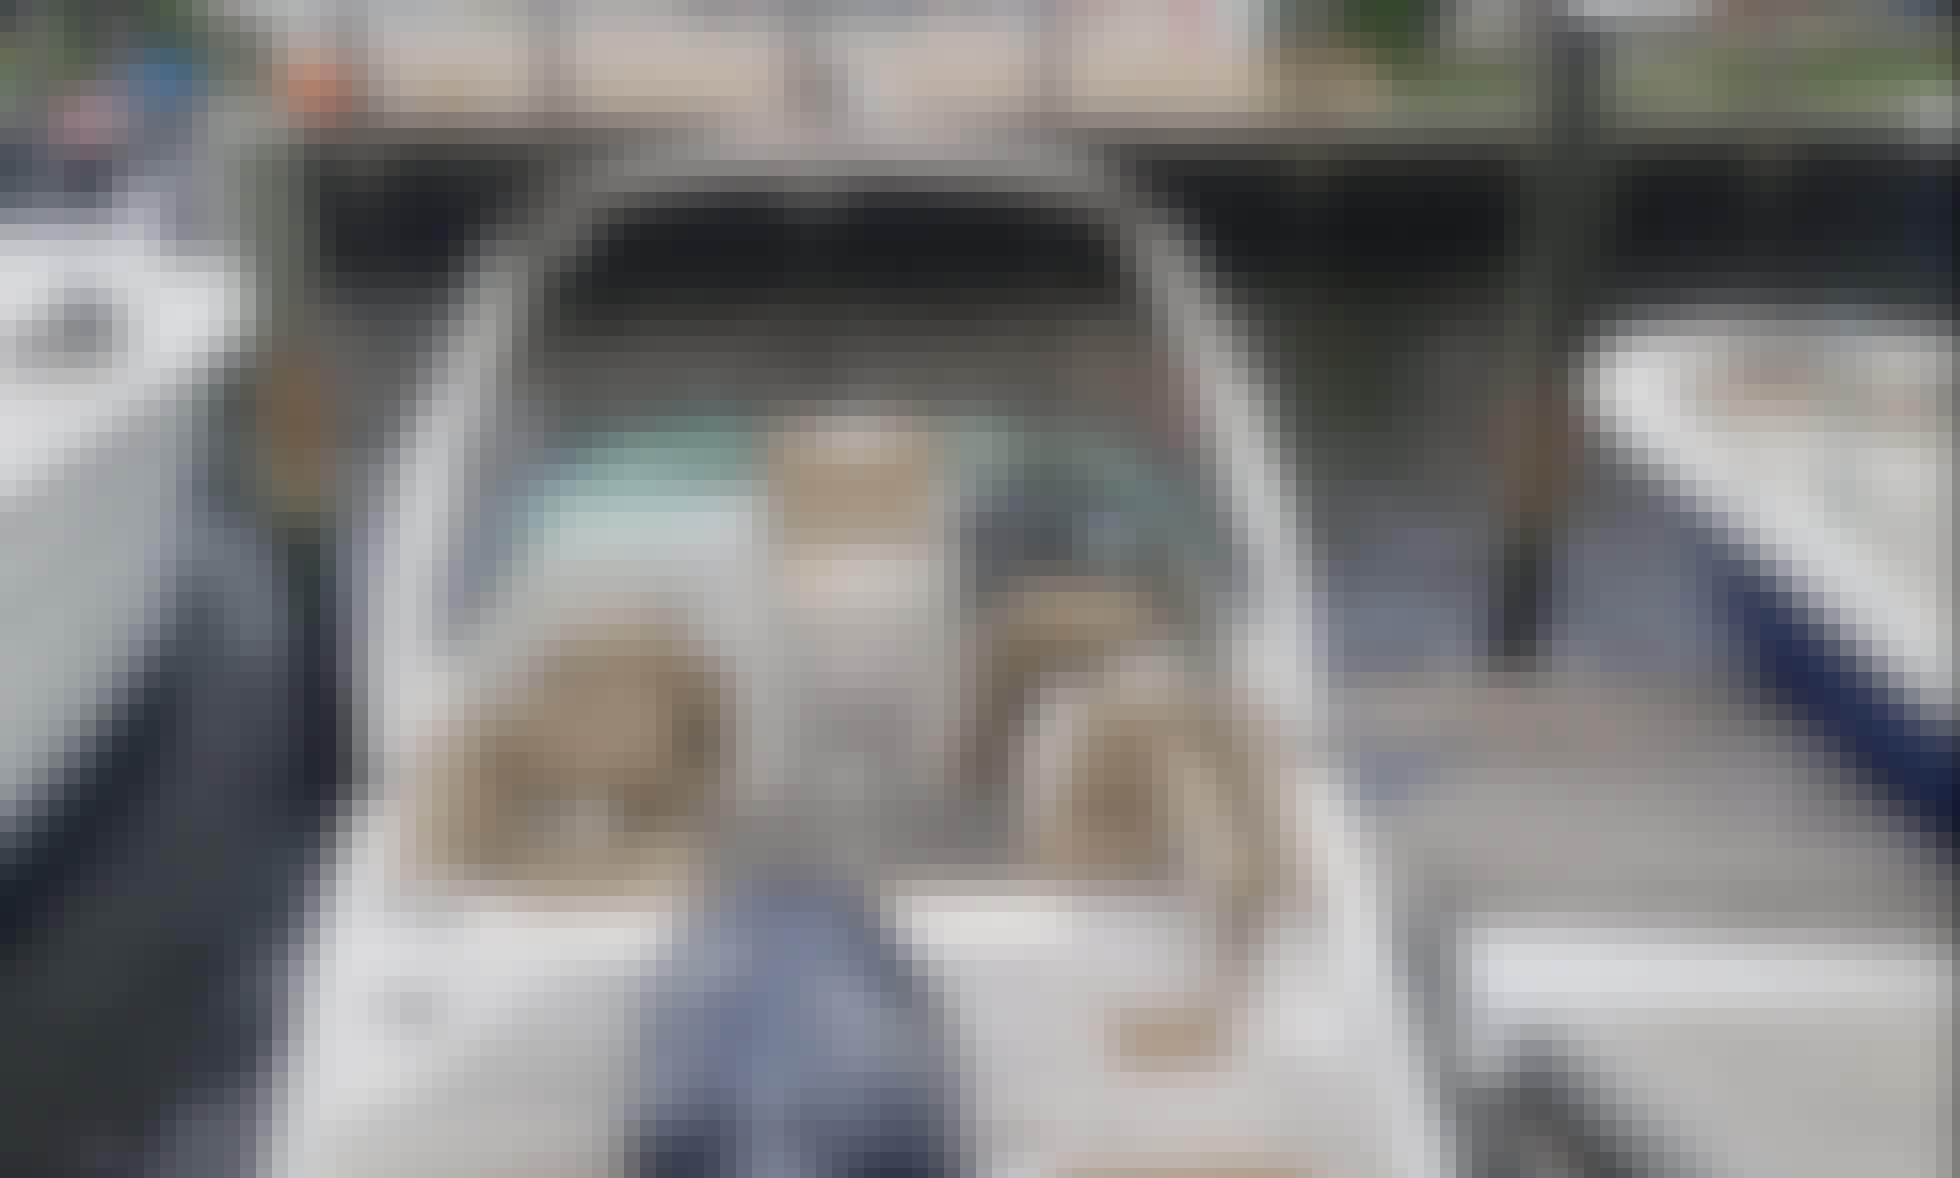 Brandnew 25' NauticStar Deck Boats for Rent in North Miami Beach